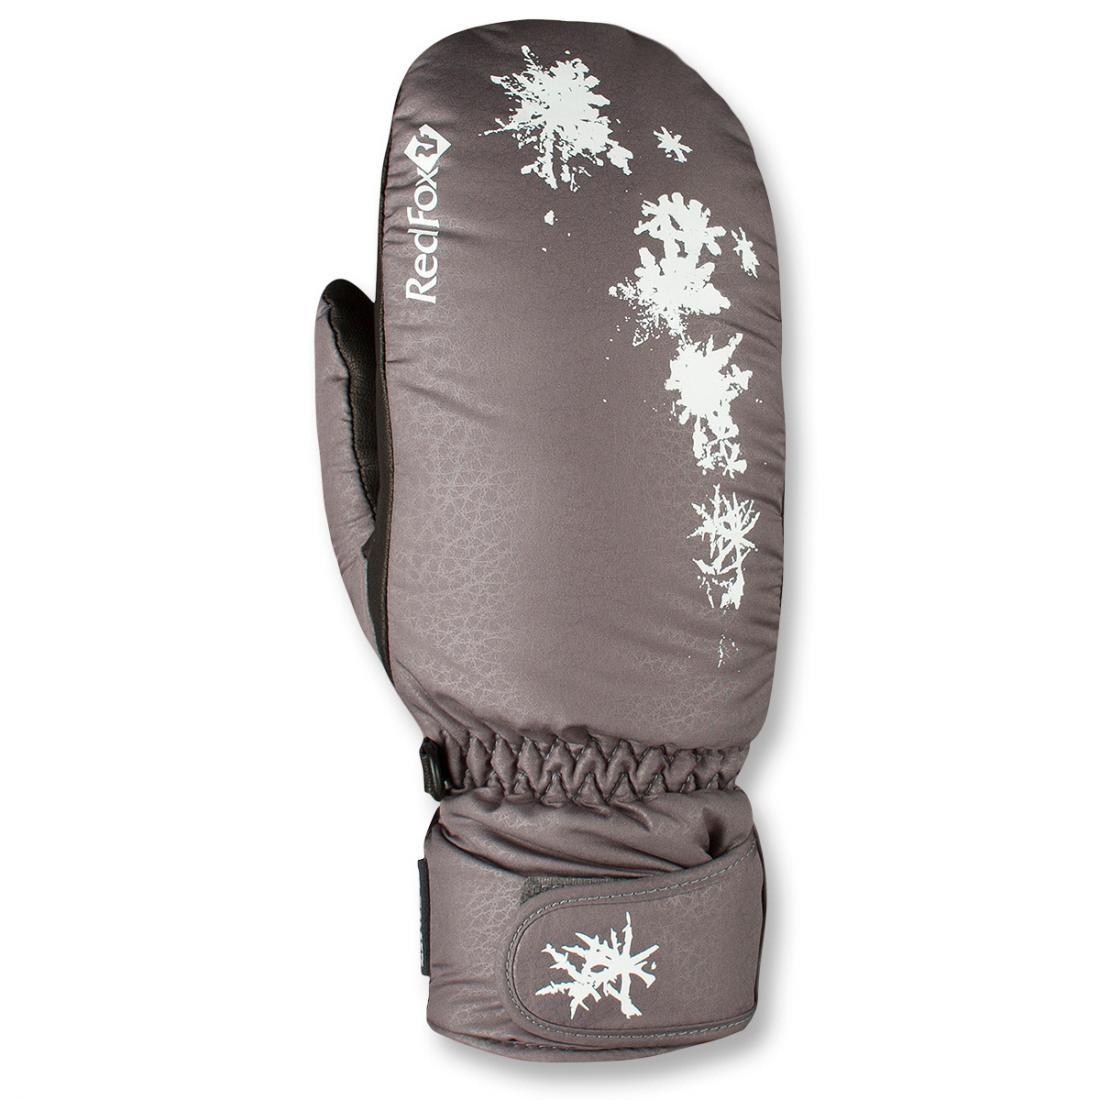 Рукавицы утепленные Paradise II ЖенскиеВарежки<br><br> Прогулочные утепленные рукавицы с ярким дизайном<br><br><br> Основные характеристики<br><br><br>манжет с регулировкой объема на липучке<br>усиления в области ладони<br>карабин для крепления рукавиц к одежде или ме...<br><br>Цвет: Серый<br>Размер: S